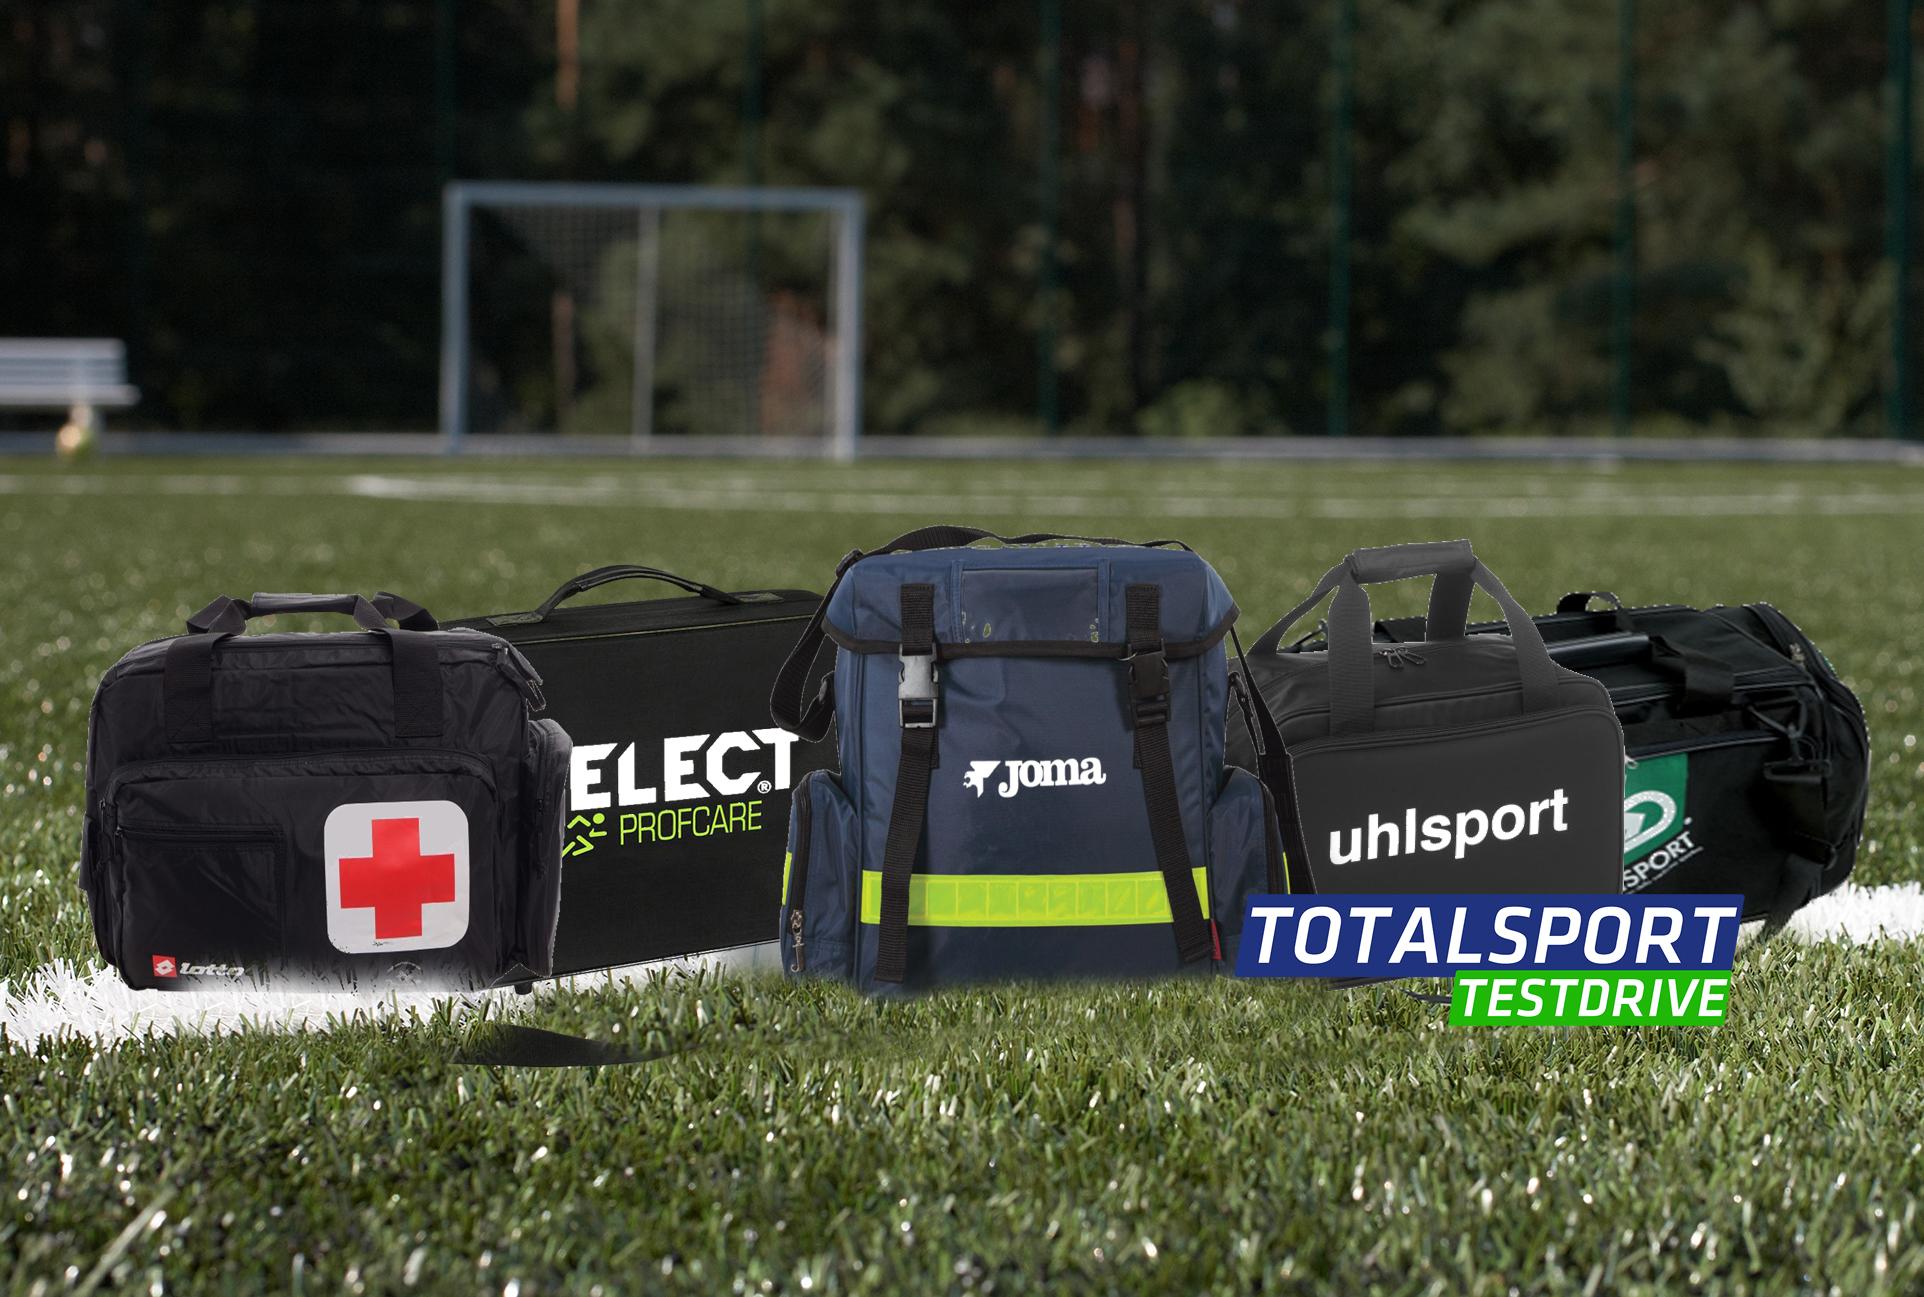 bde6a5a566cb Выбрать лучшую медицинскую сумку для футбола оказалось не так уж просто.  Все производители, из представленных, производят качественную экипировку и  ...